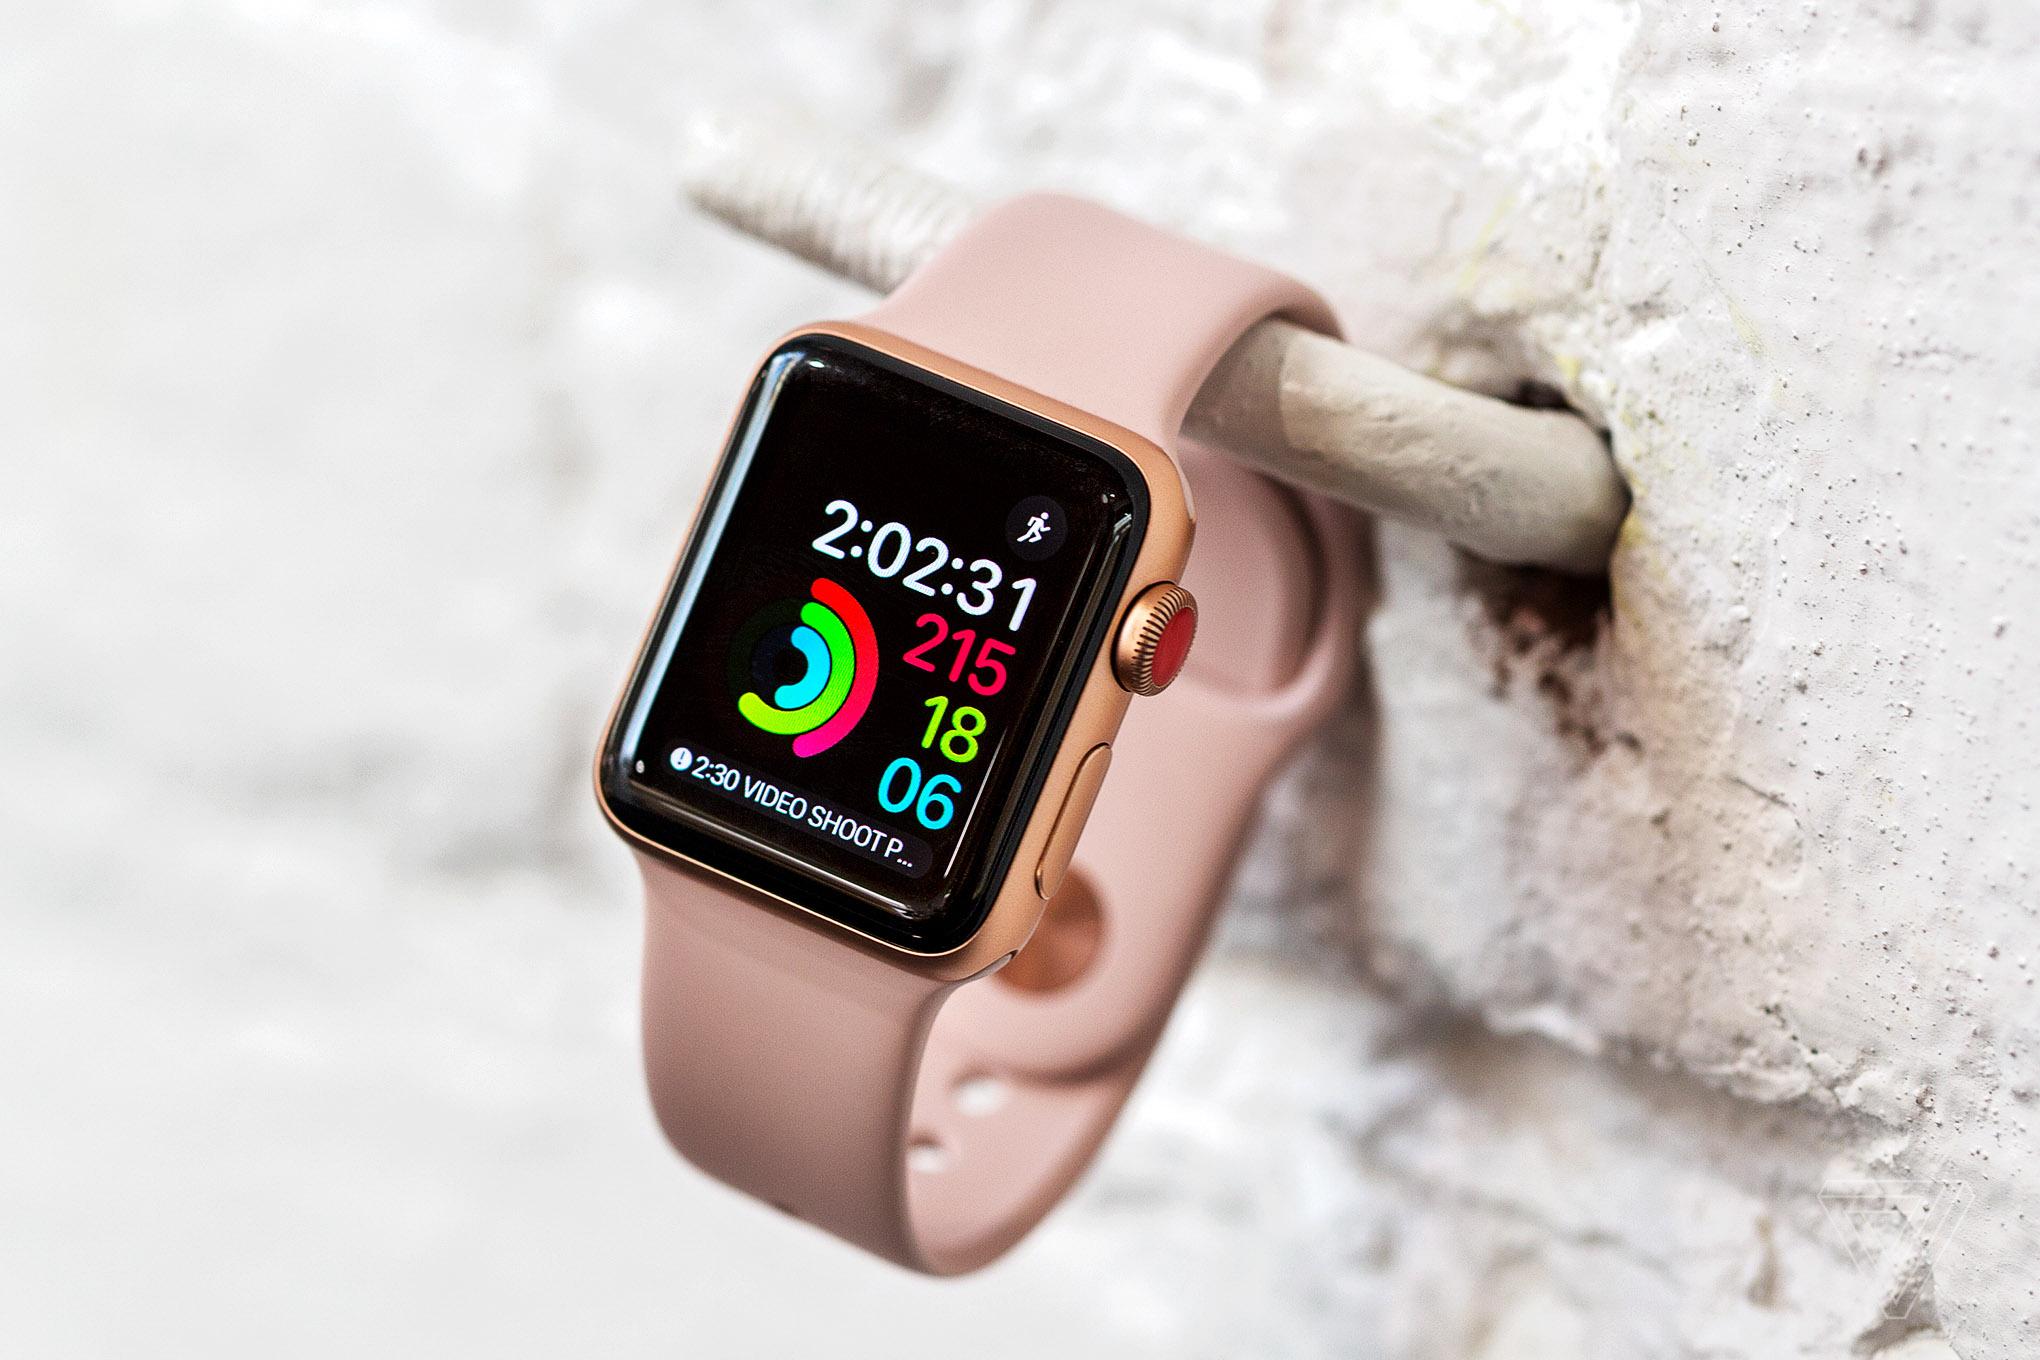 NIKE и Apple выпустили эксклюзивную серию часов Midnight For Apple Watch Series 3